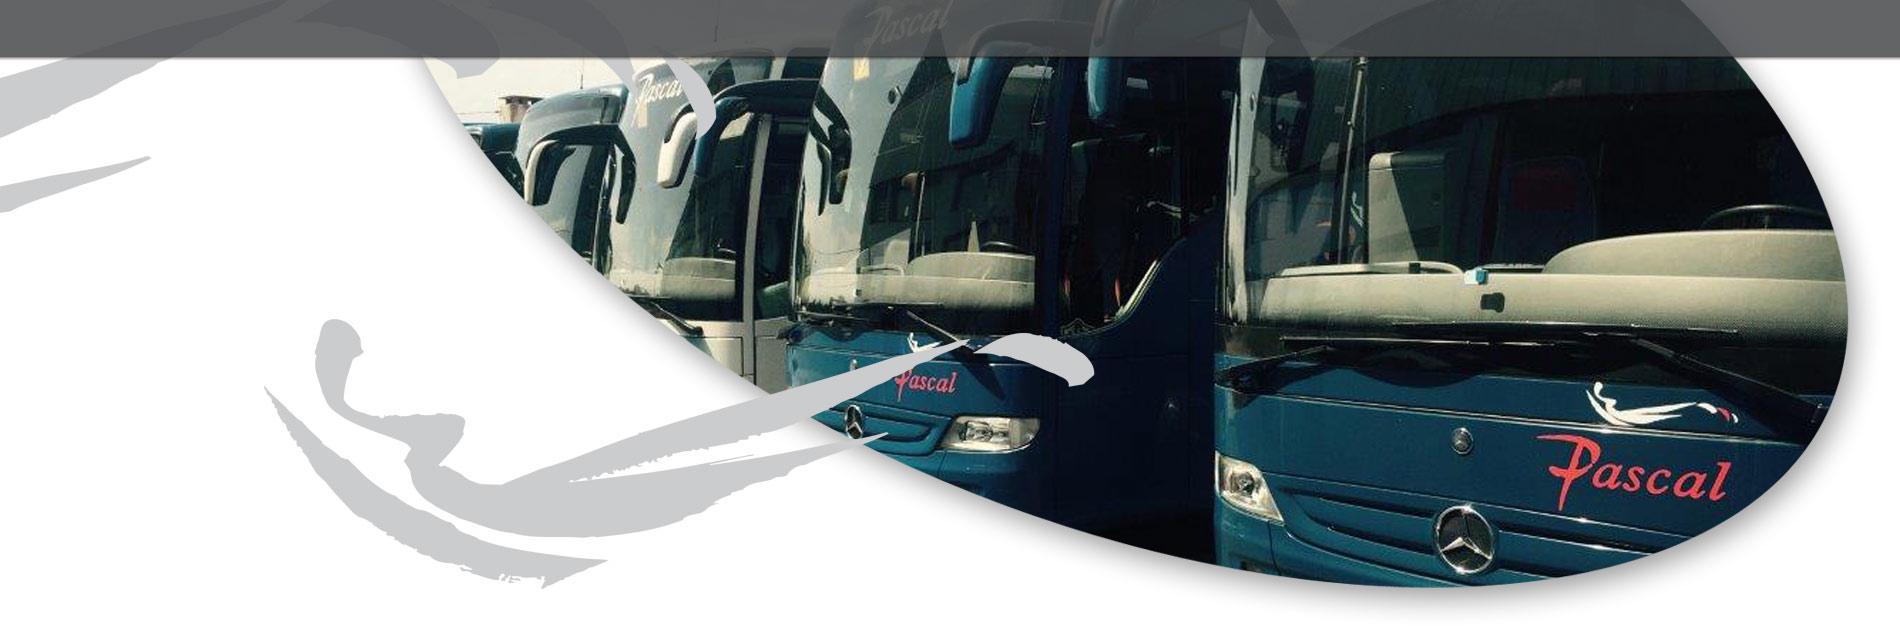 Autocars Pascal Agen